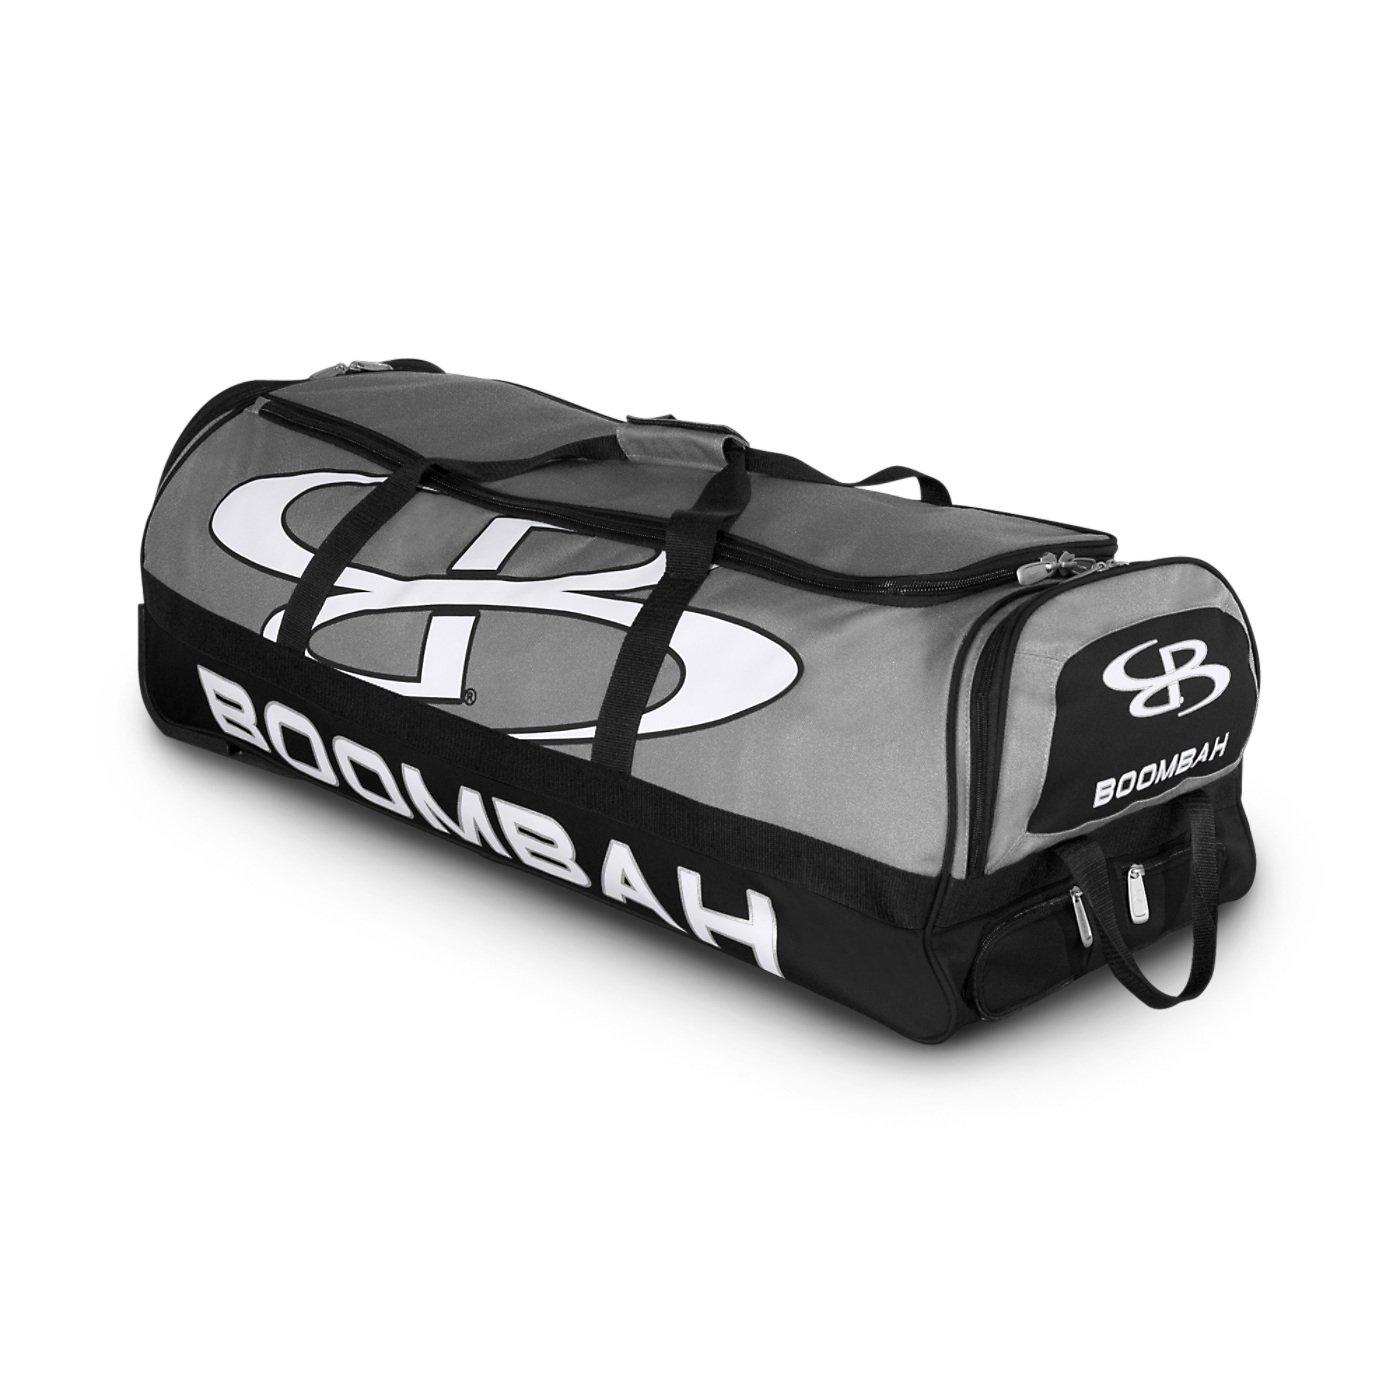 (ブームバー) Boombah Bruteシリーズ キャスター付きバットケース 野球ソフトボール用 35×15×12–1/2インチ 49色展開 4本のバットと用具を収納可能 B01N9BAEJS グレー/ブラック グレー/ブラック